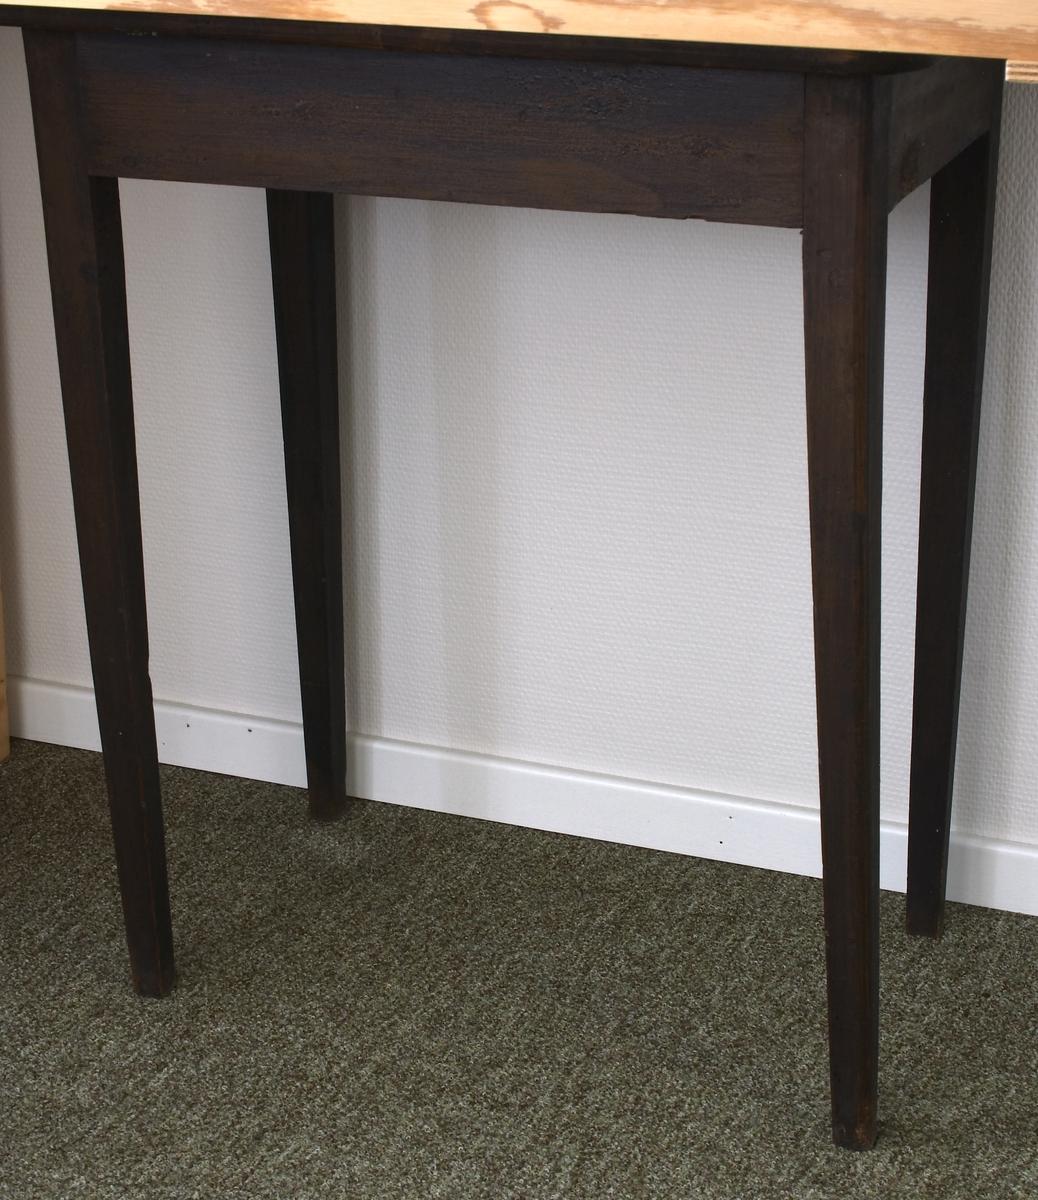 Avlangt bord med runde kanter. Topplaten litt stygg. Fire firkantede bein litt beiere oppe enn nede. Over en ramme laget av fire rette bord ligger en bordplate.